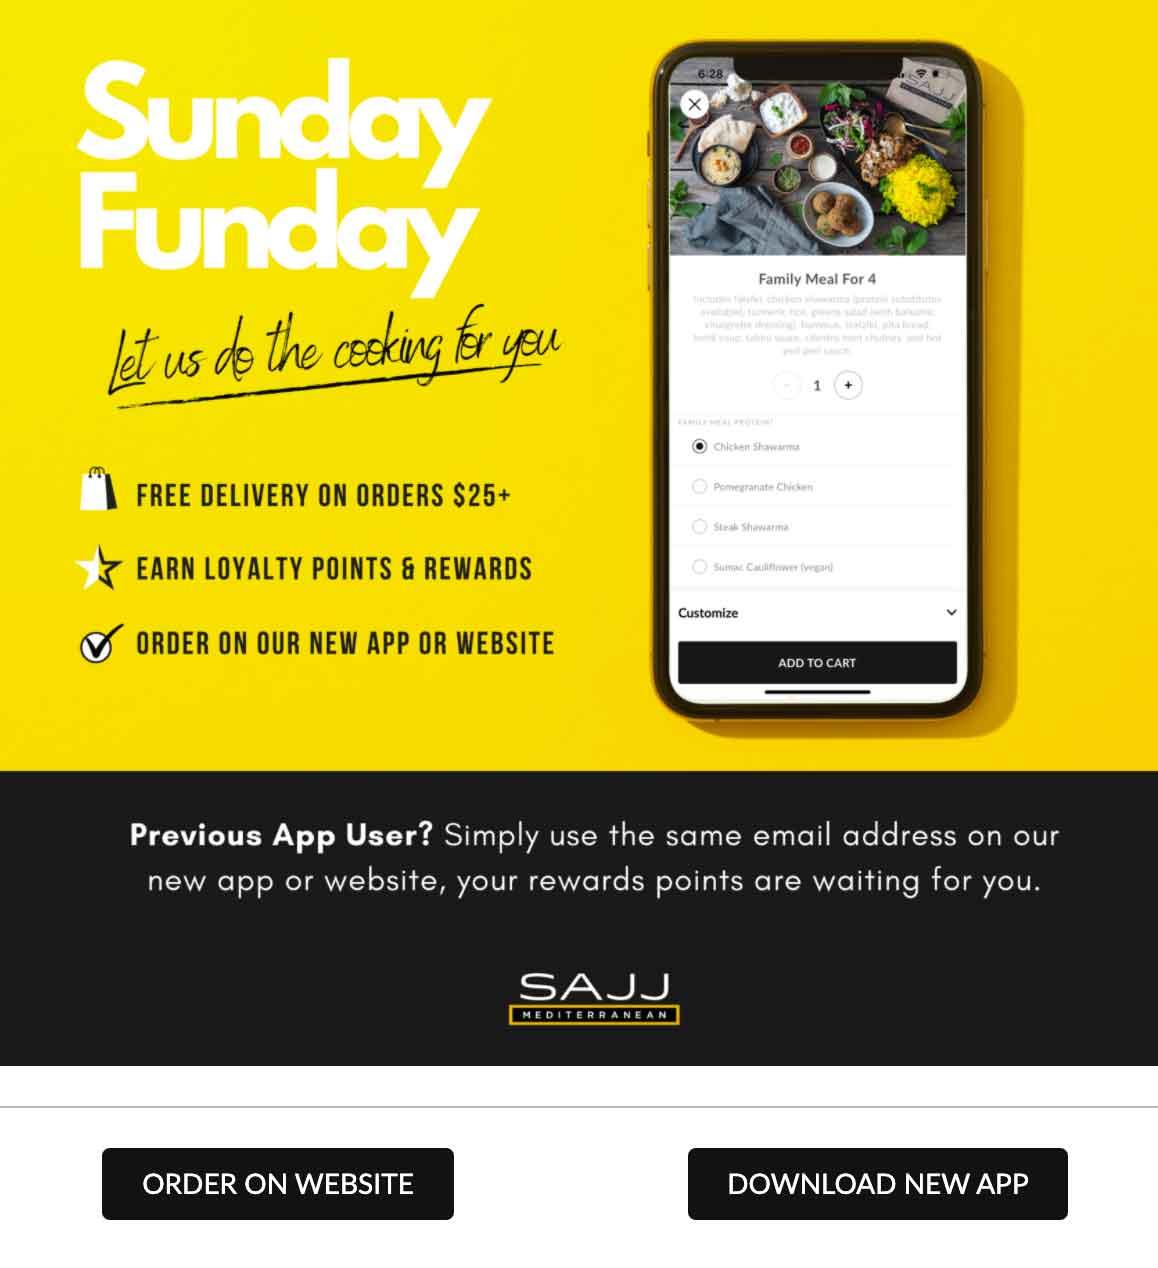 SAJJ: Sunday Funday Email